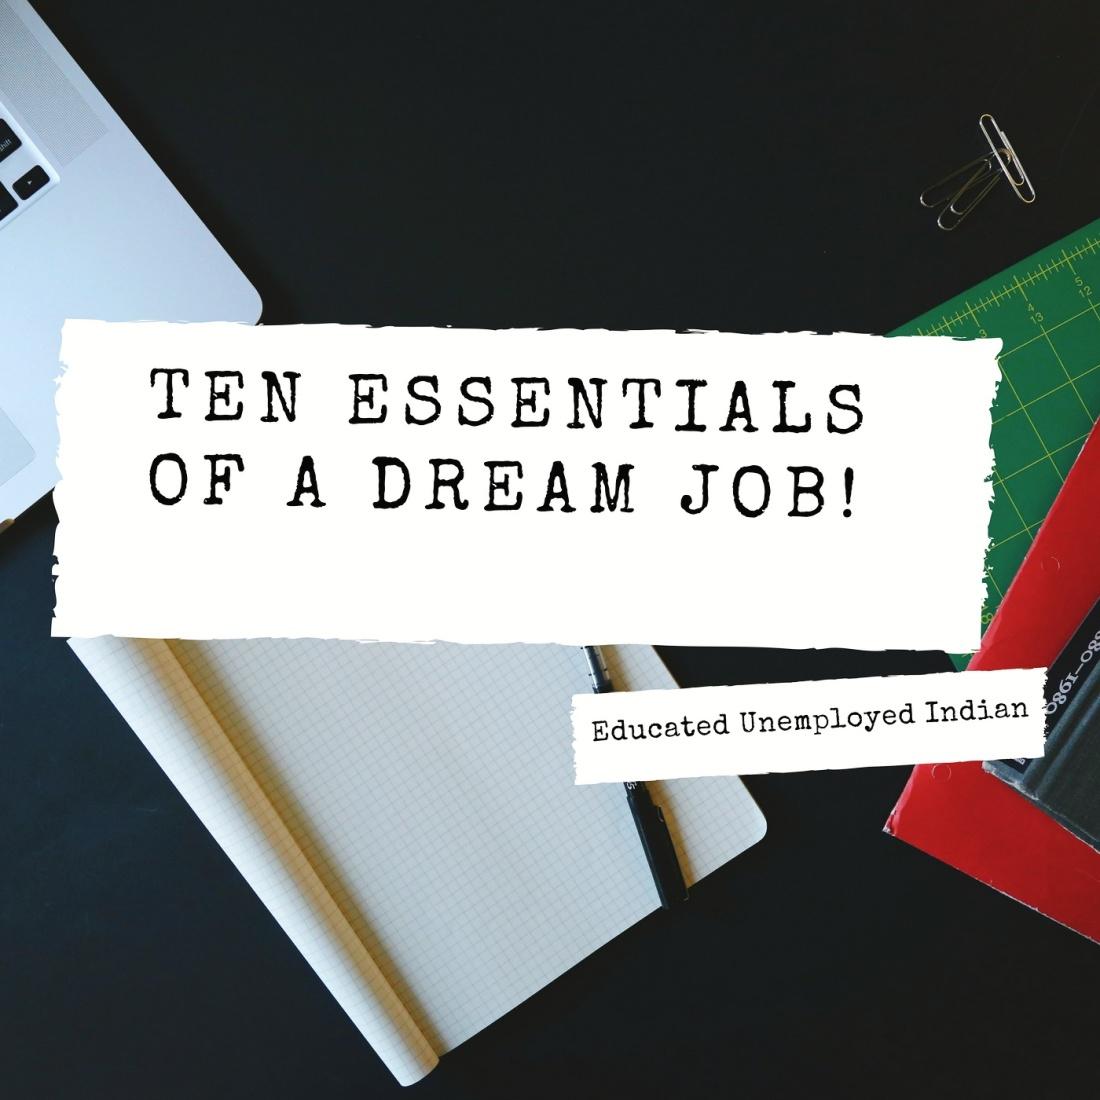 Ten essentials of a dream job!